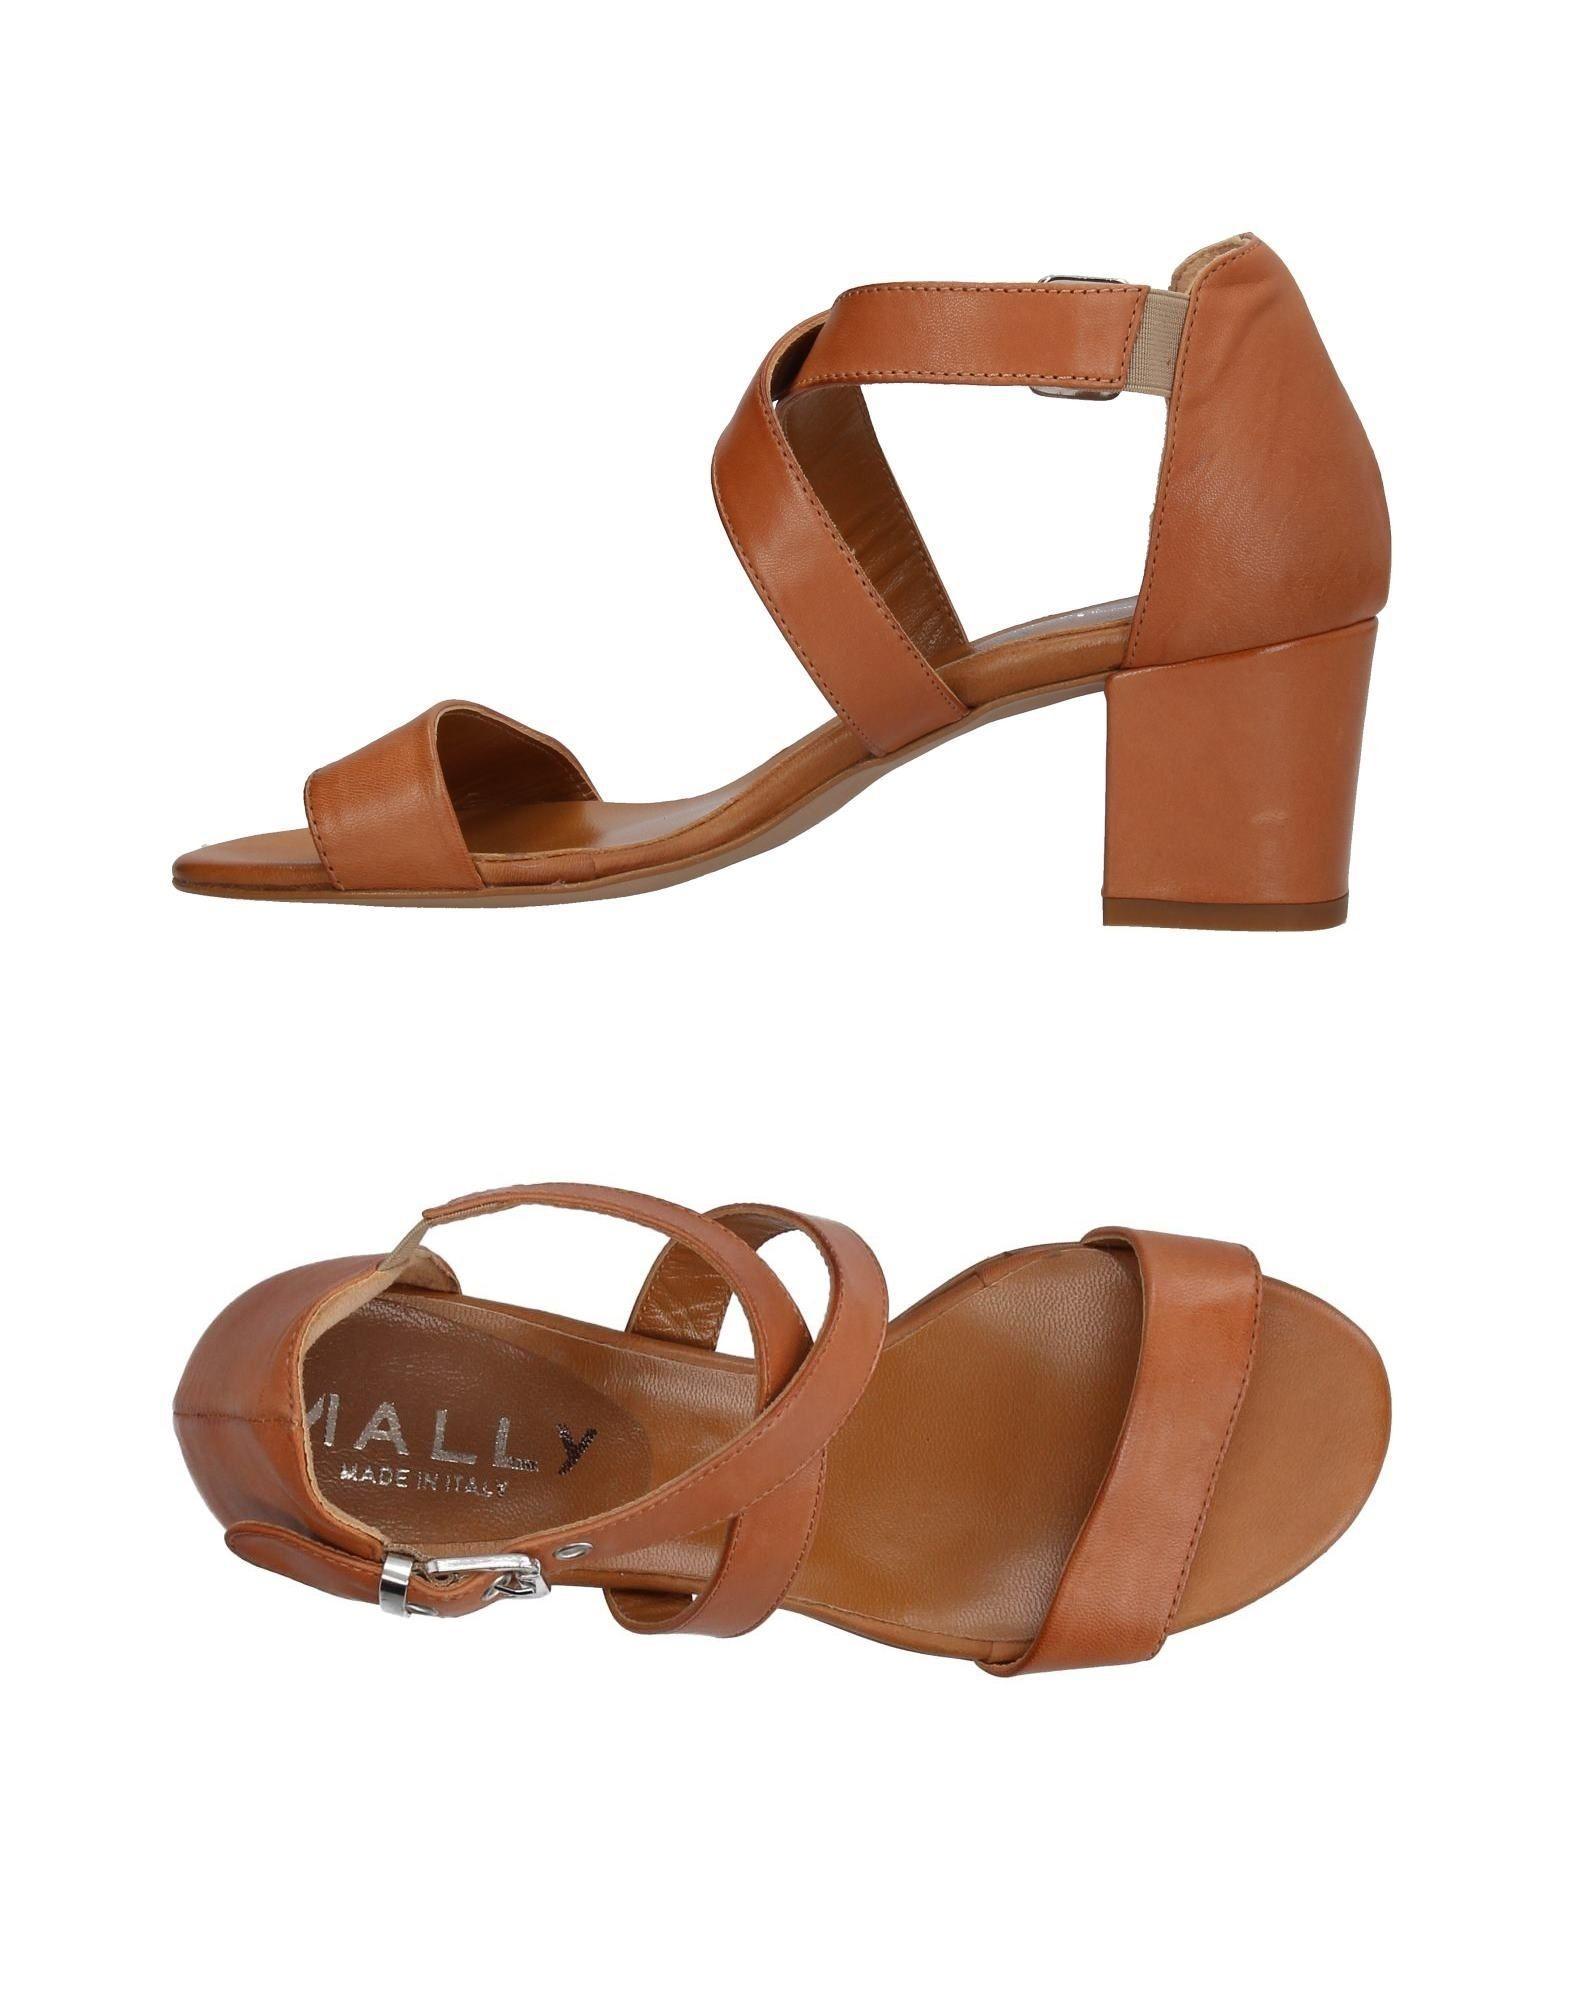 Mally Sandalen Damen  11375704FJ Gute Qualität beliebte Schuhe Schuhe Schuhe 58b1e2